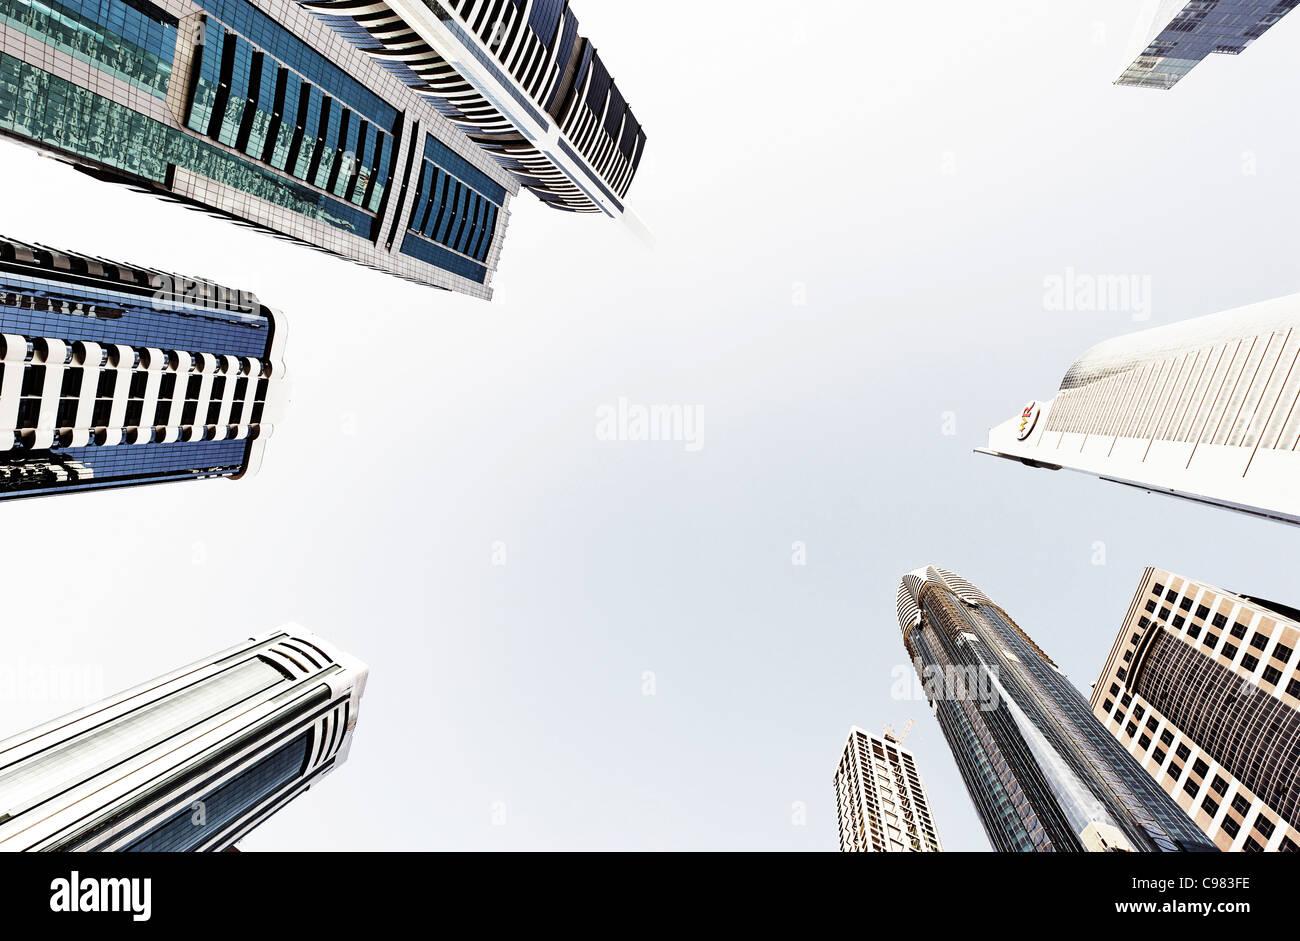 Tours, gratte-ciel, d'hôtels, l'architecture moderne, Sheikh Zayed Road, du quartier financier, Dubaï, Photo Stock